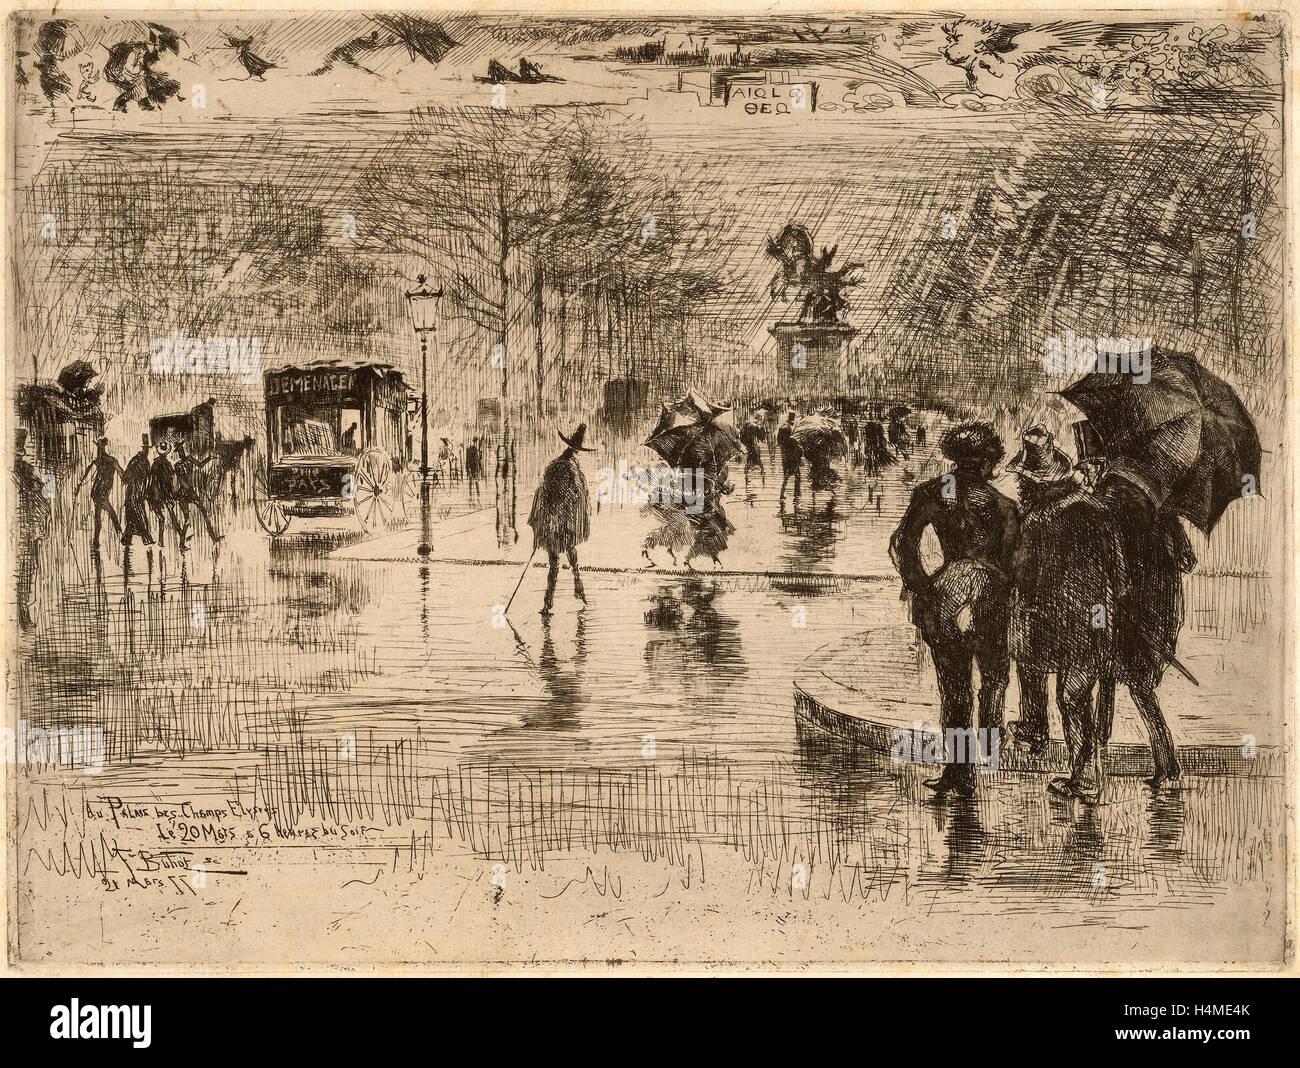 Félix-Hilaire Buhot, Le Retour des Artistes, French, 1847 - 1898, 1877, etching on laid paper - Stock Image